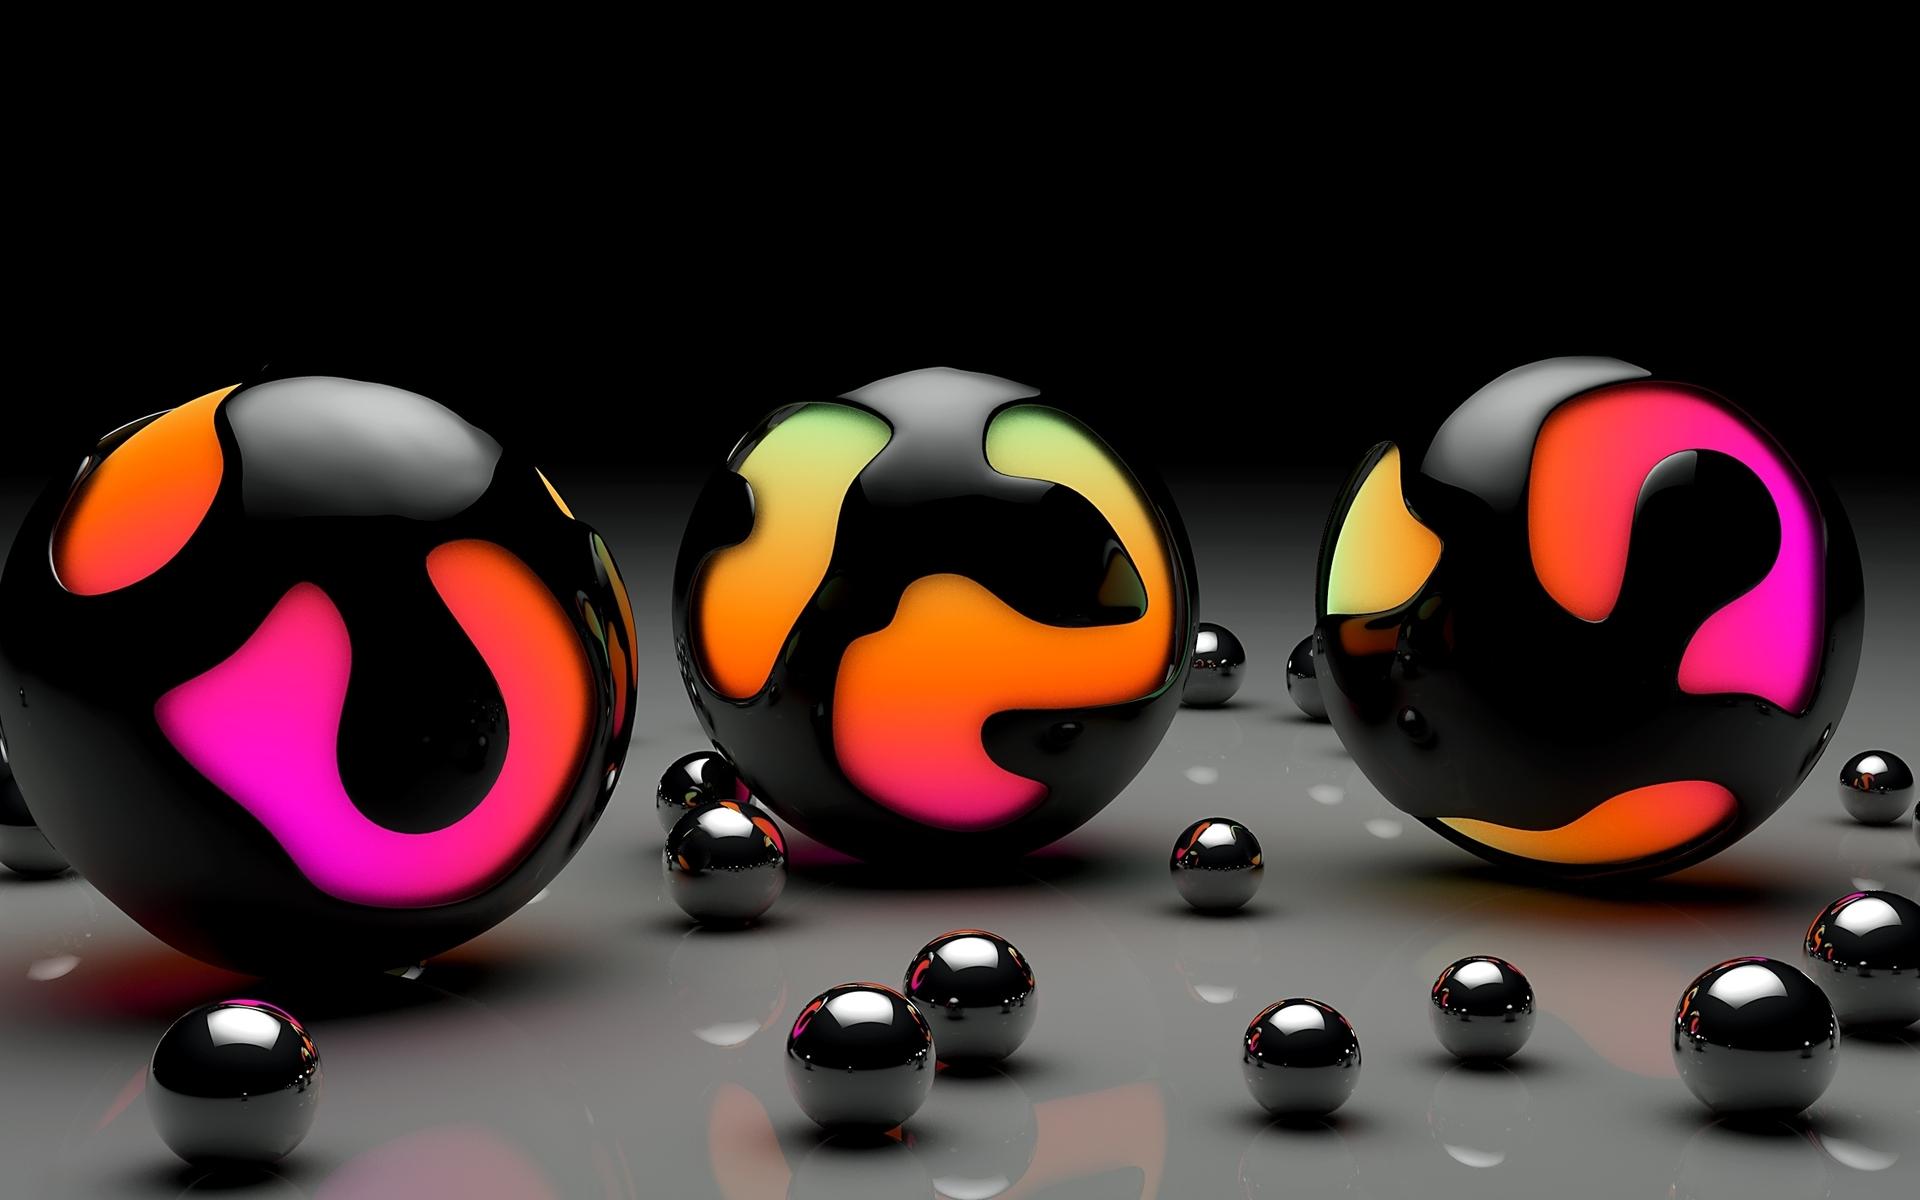 шары, разноцветный, черный